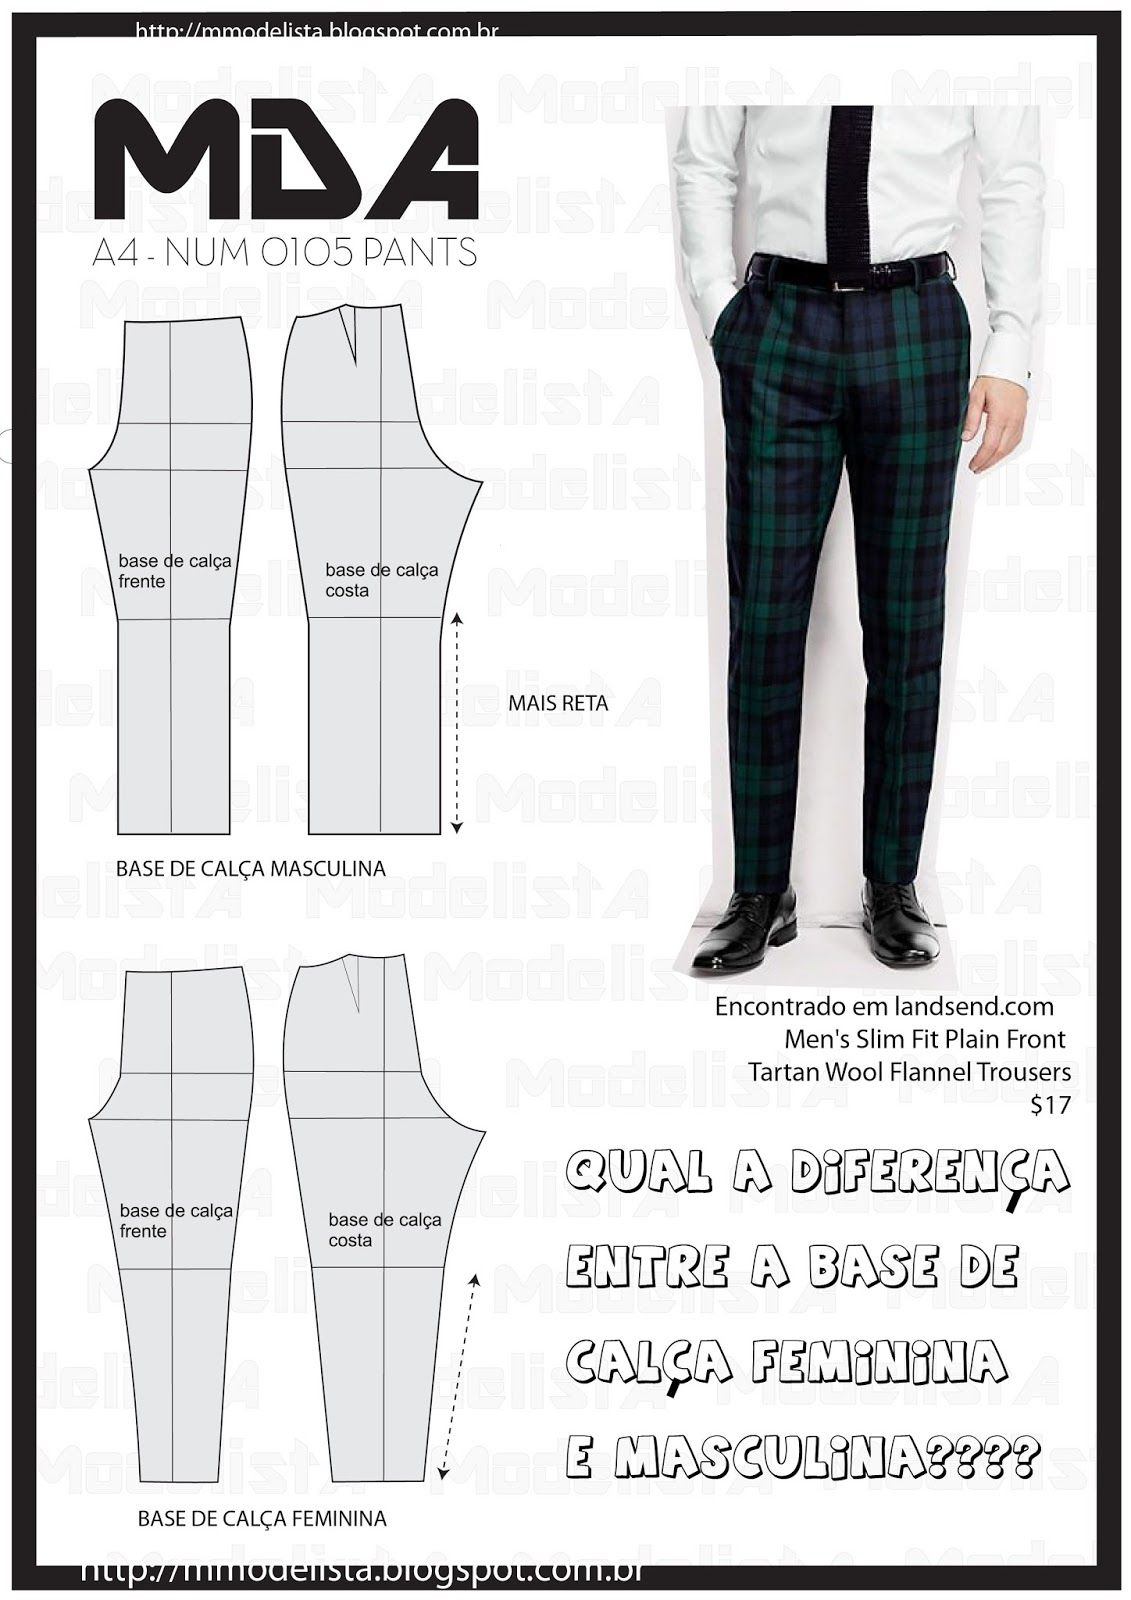 A4 NUM 0105 PANTS | Costura, Molde y Patrones